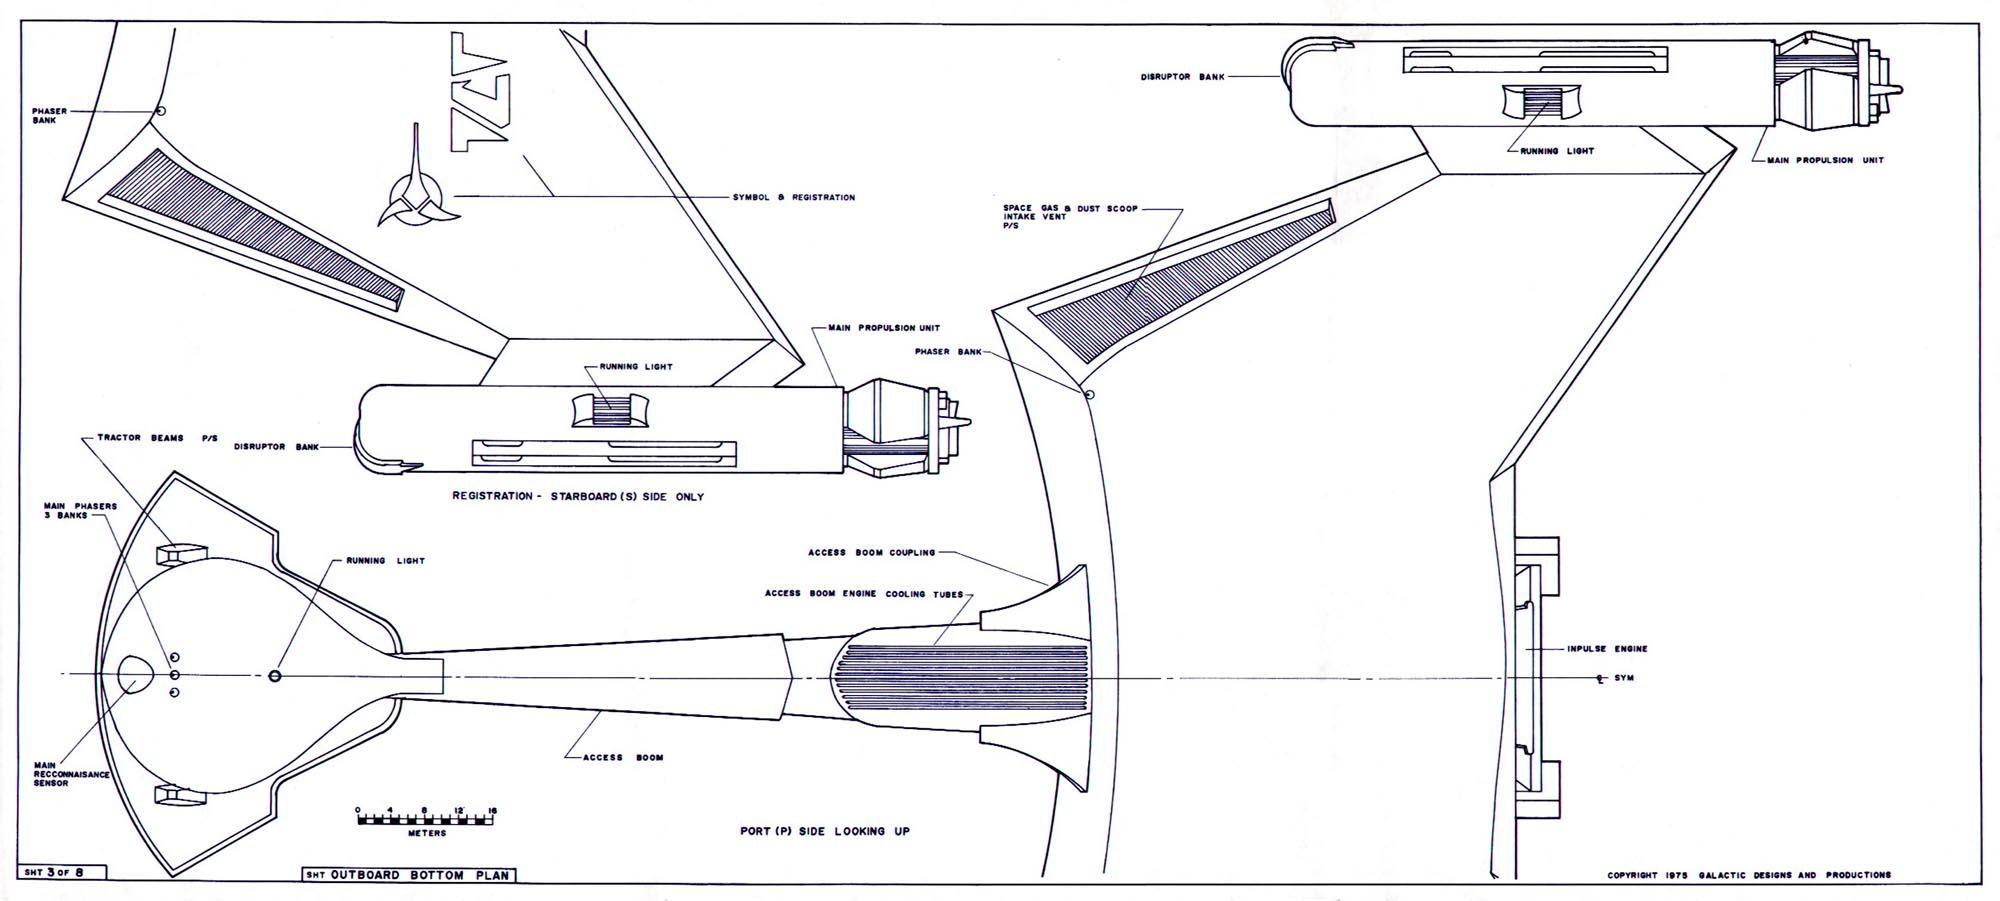 Star Trek Blueprints: Klingon D7 Class Battle Cruiser